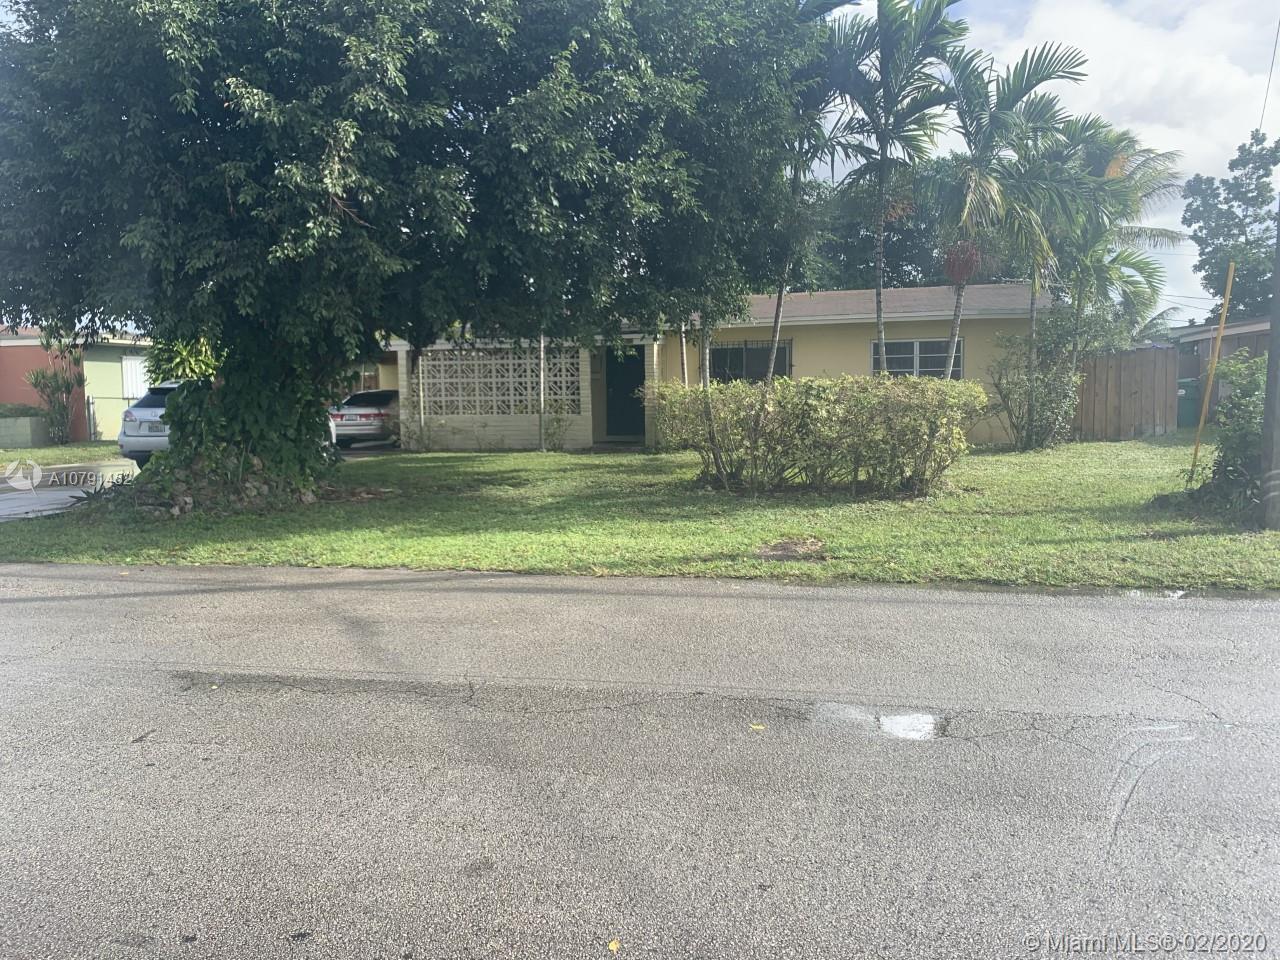 13021 NW 19, Miami Shores, Florida